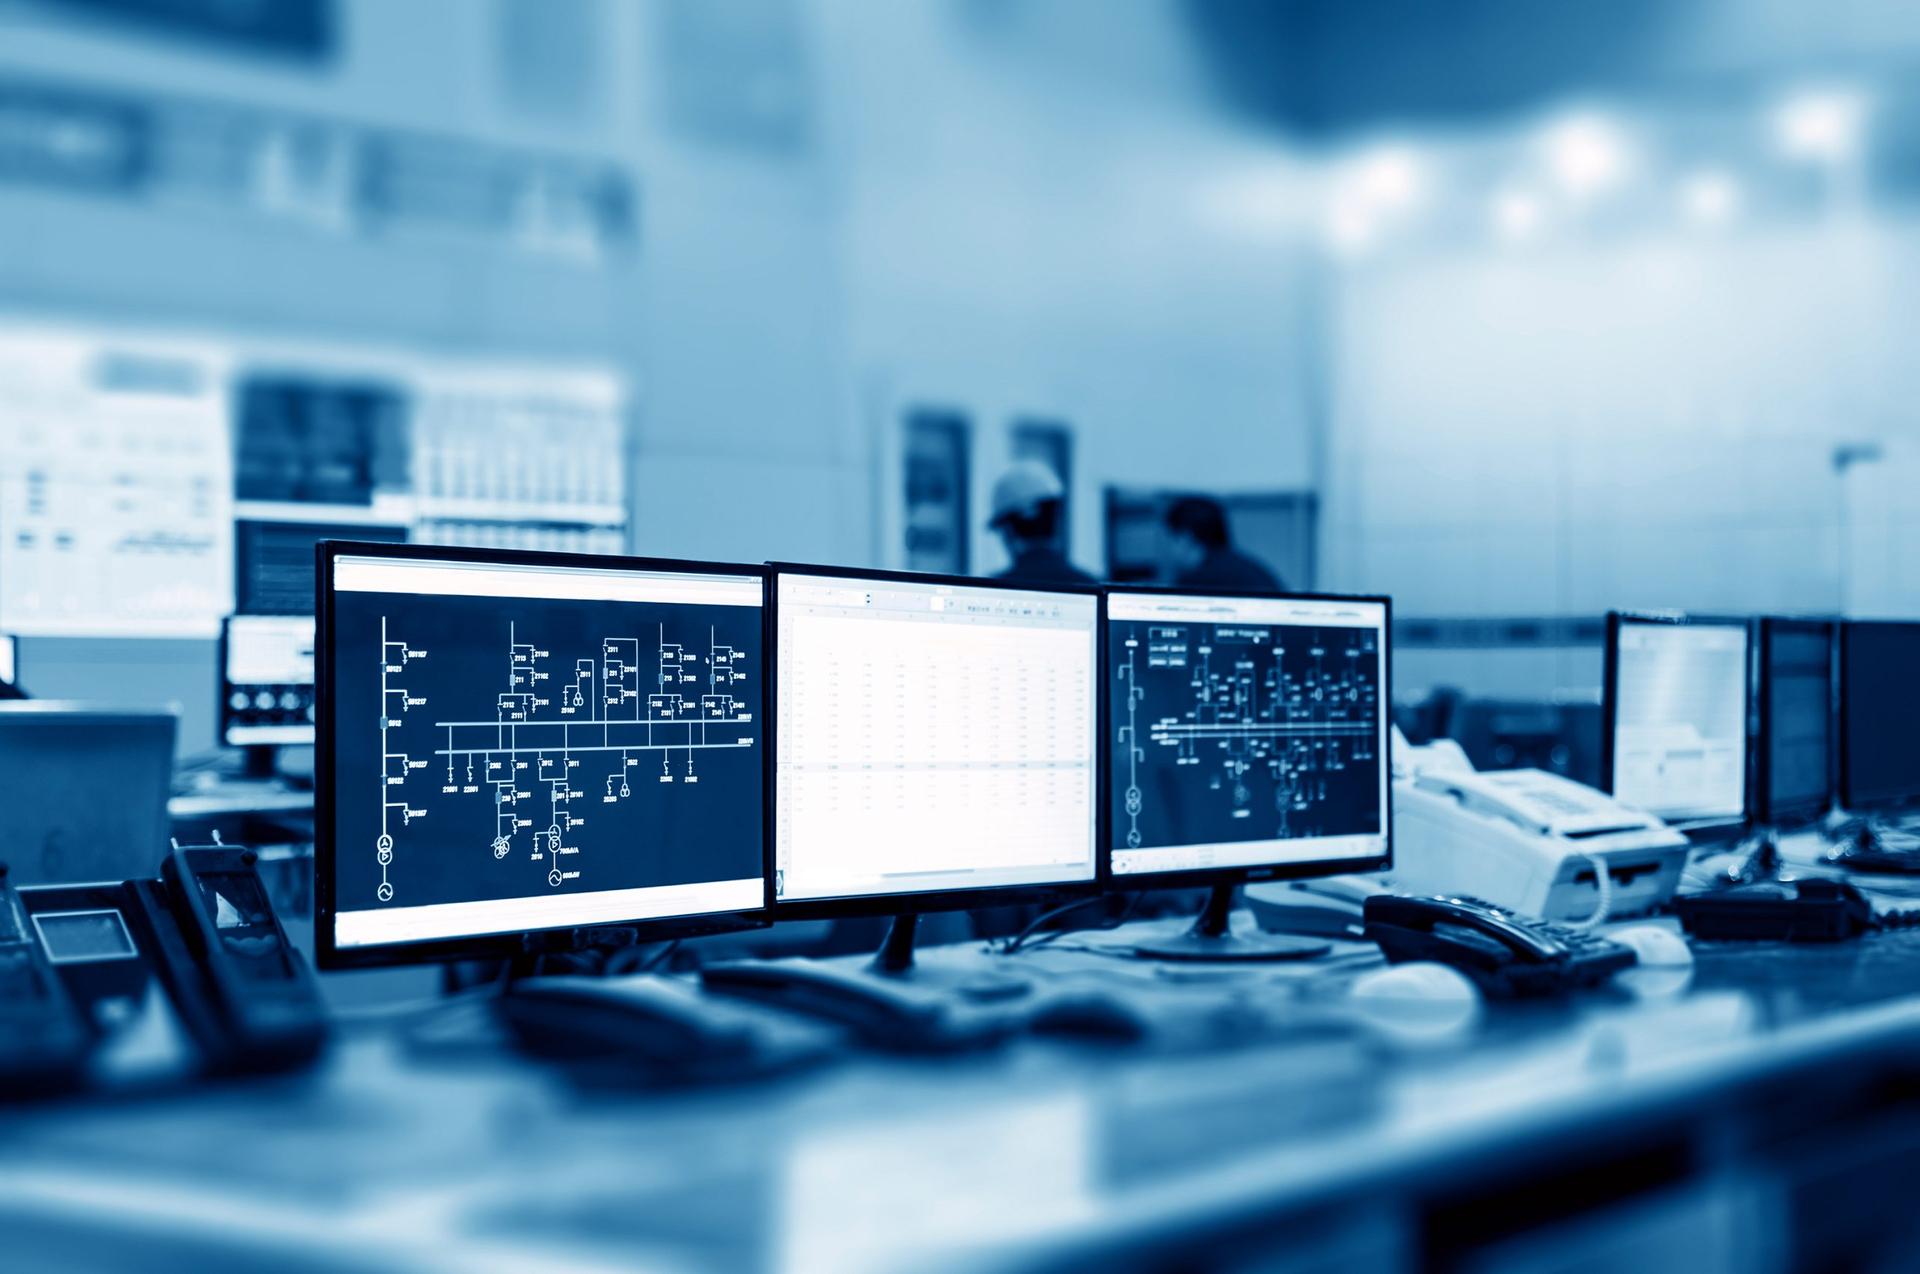 Автоматизация и прикладное техническое программное обеспечение предприятий питания